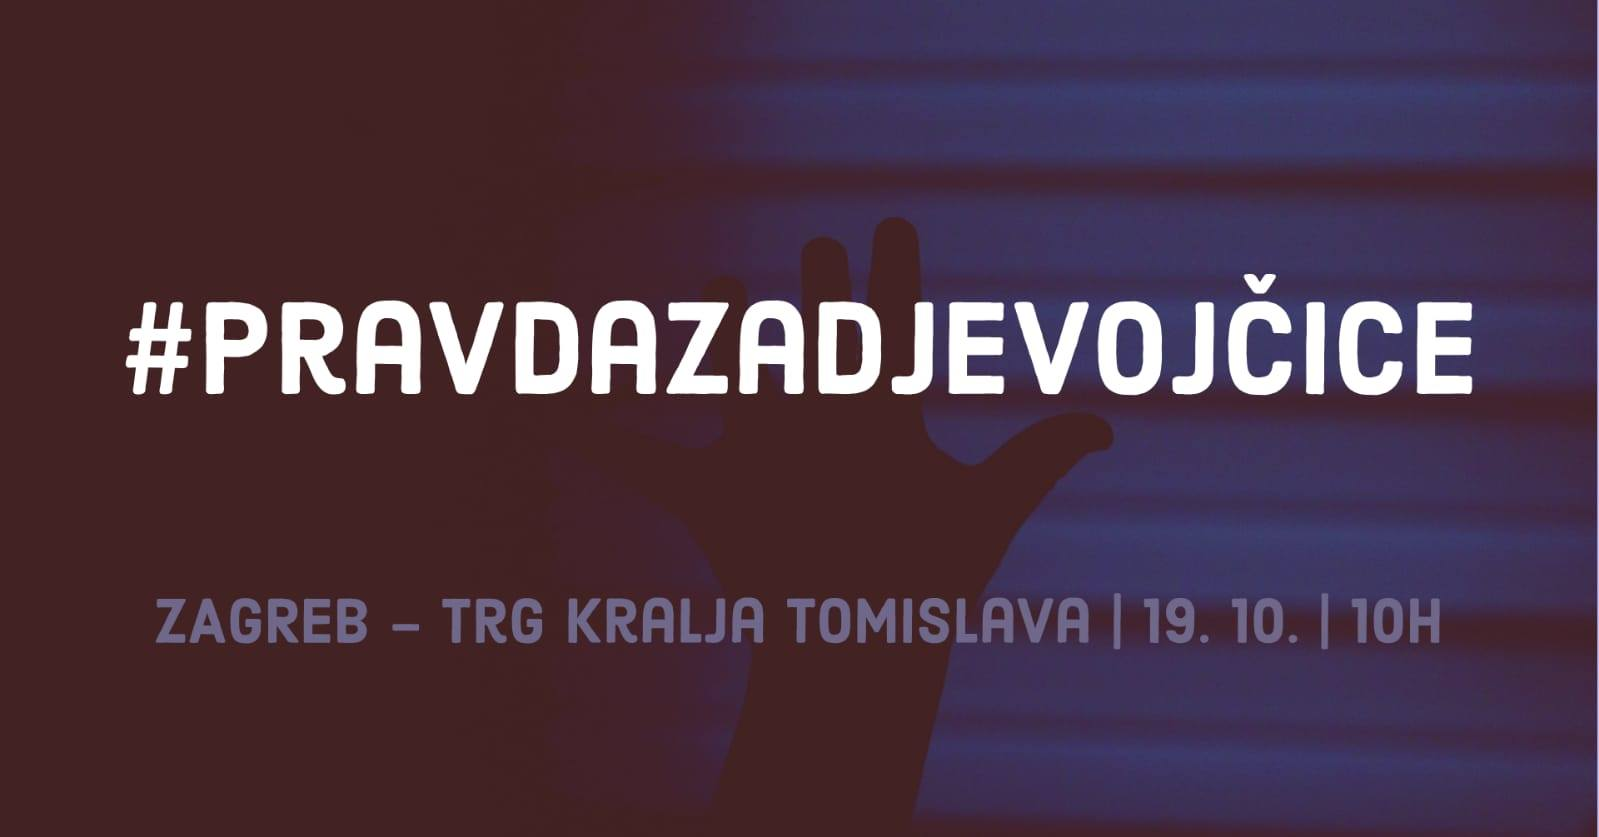 """Prosvjed """"Pravda za djevojčice!"""" - Zagreb"""